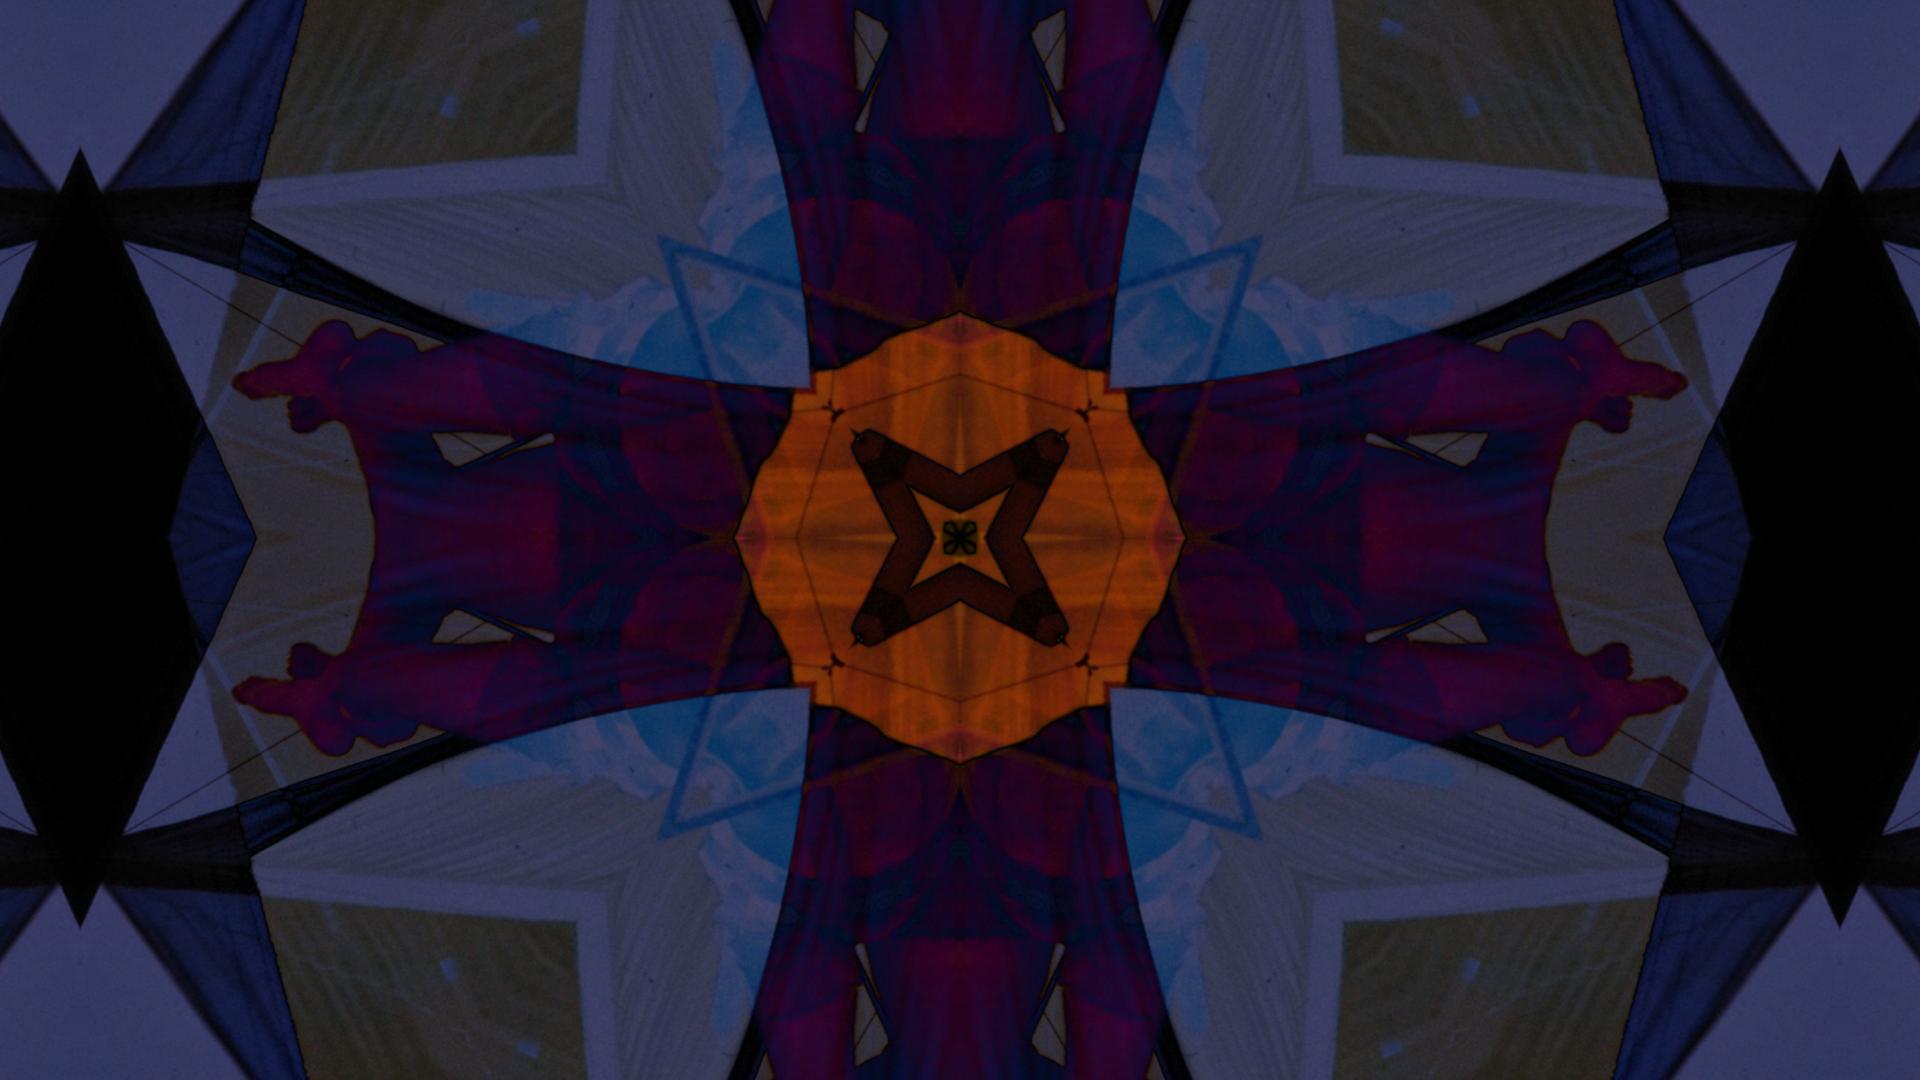 beads-andrew-rosinski-4